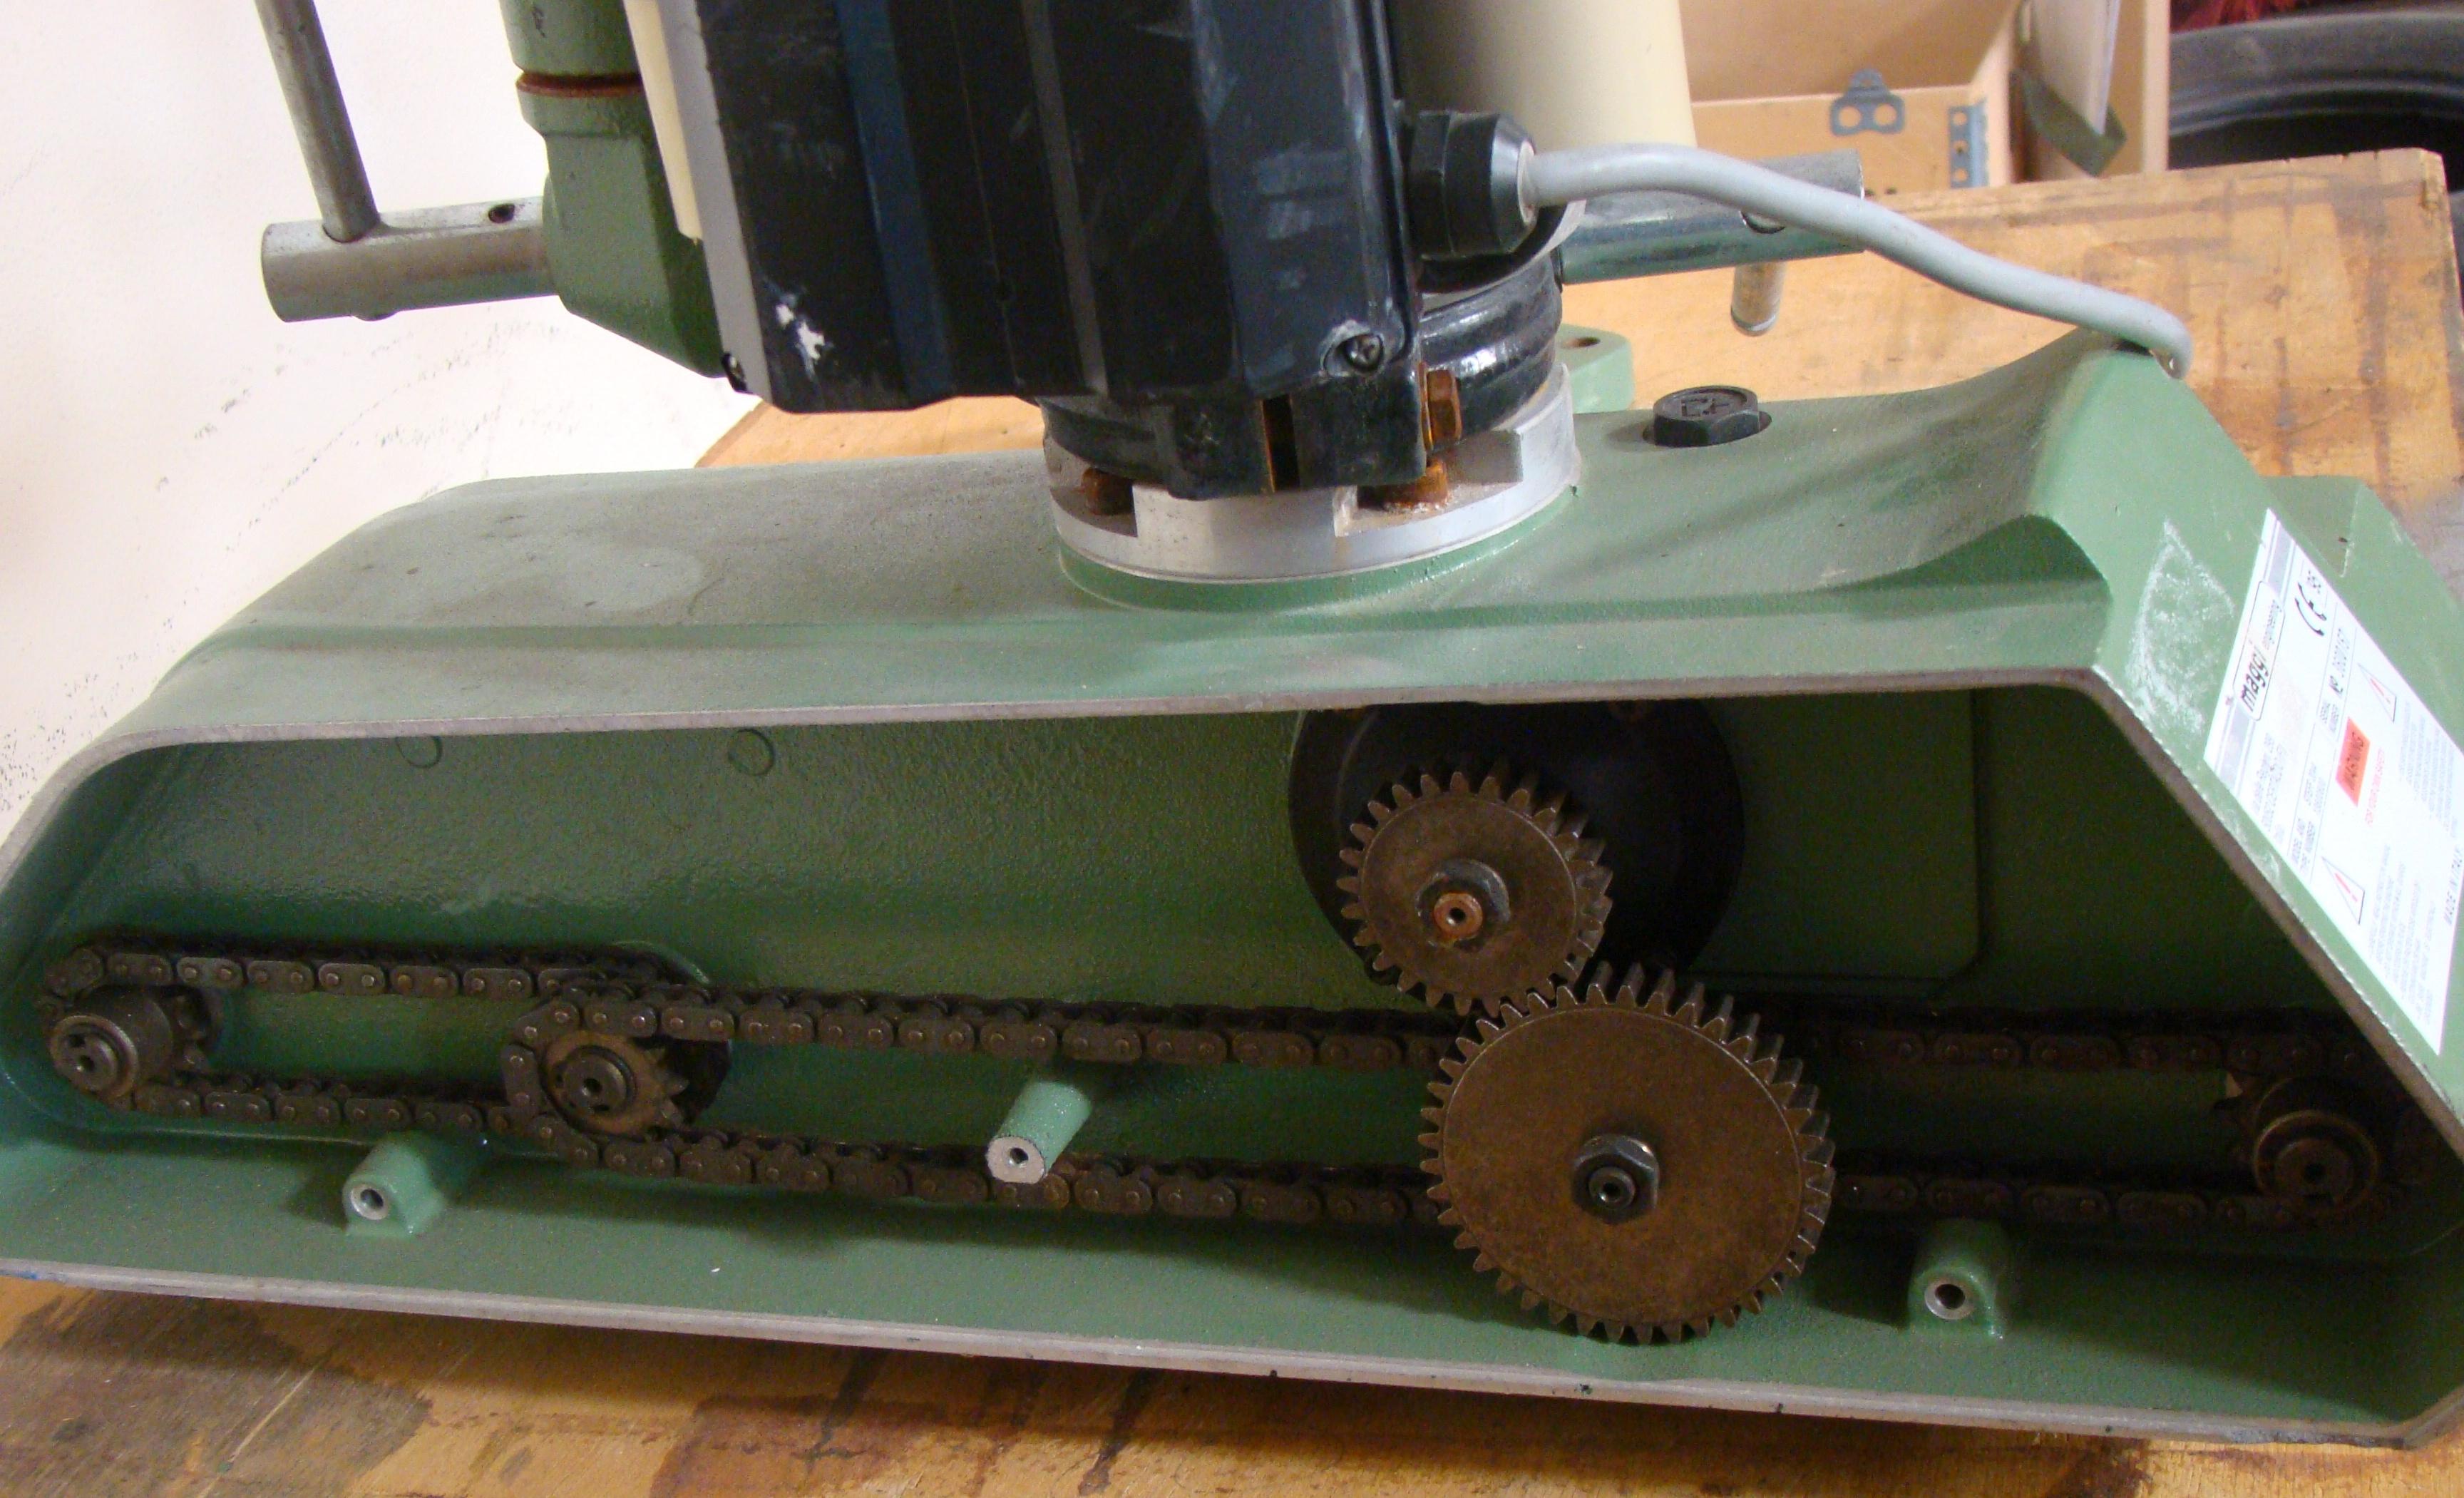 Maggi 4 Wheel Power Feeder Model STEFF 2044 115 Volt 1PH - Image 3 of 6